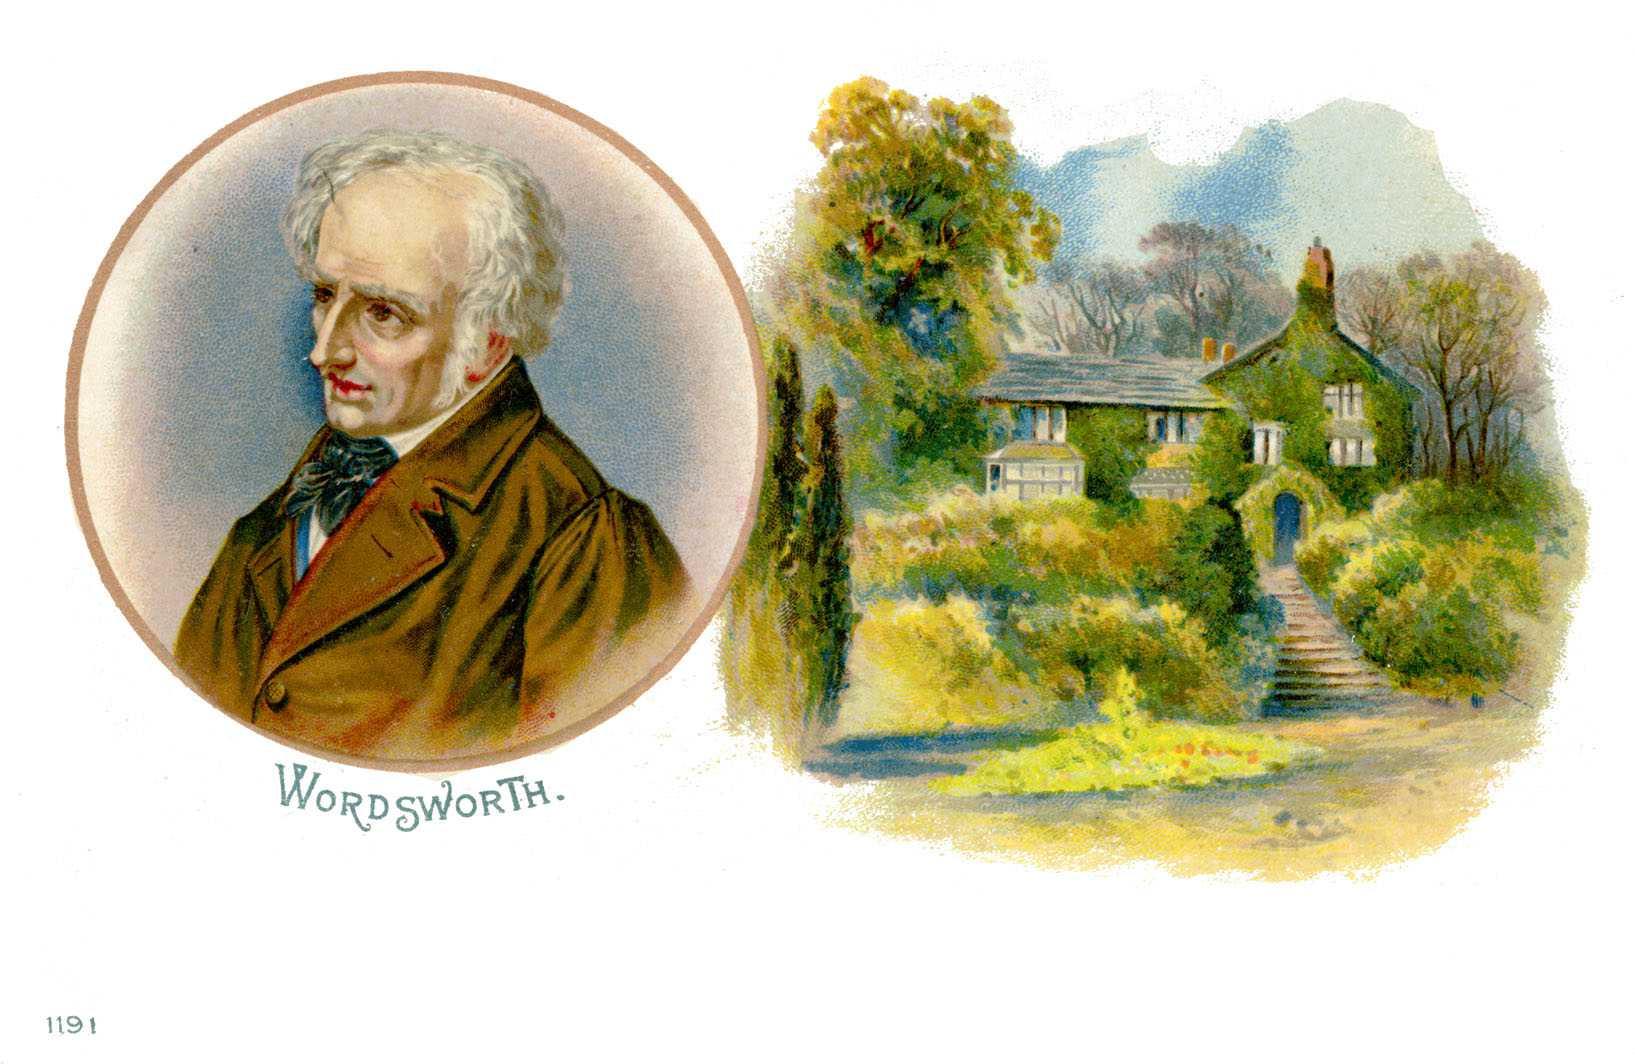 William Wordsworth - portrait